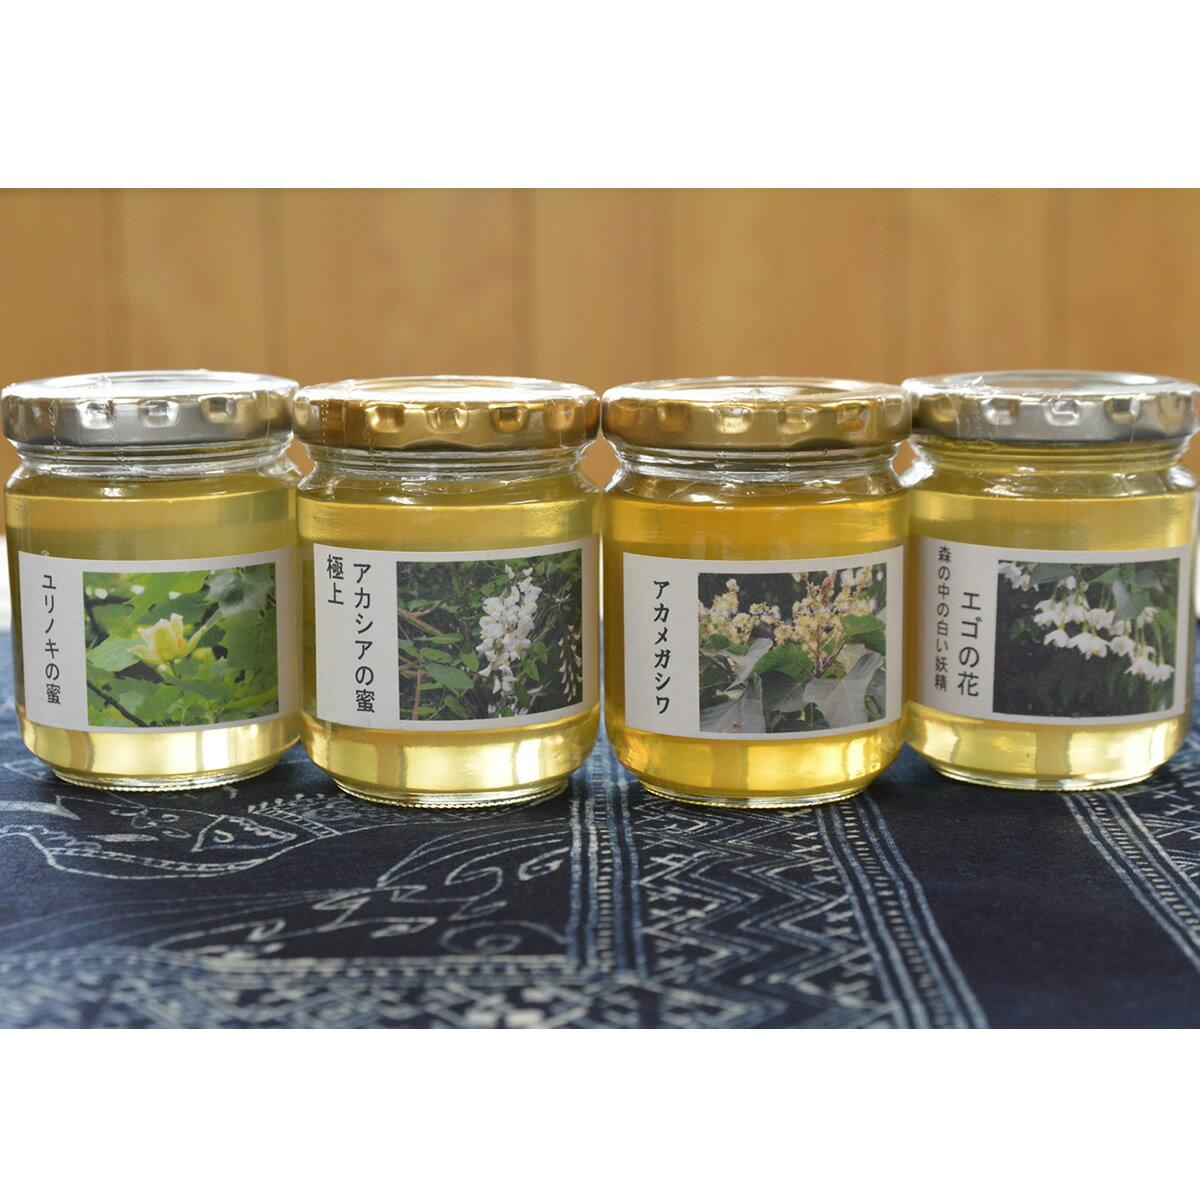 【ふるさと納税】4種類の花の香りを楽しむことが出来る純粋国産蜂蜜セット! 【アカシア・エゴ・ユリノキ・アカメガシワ】